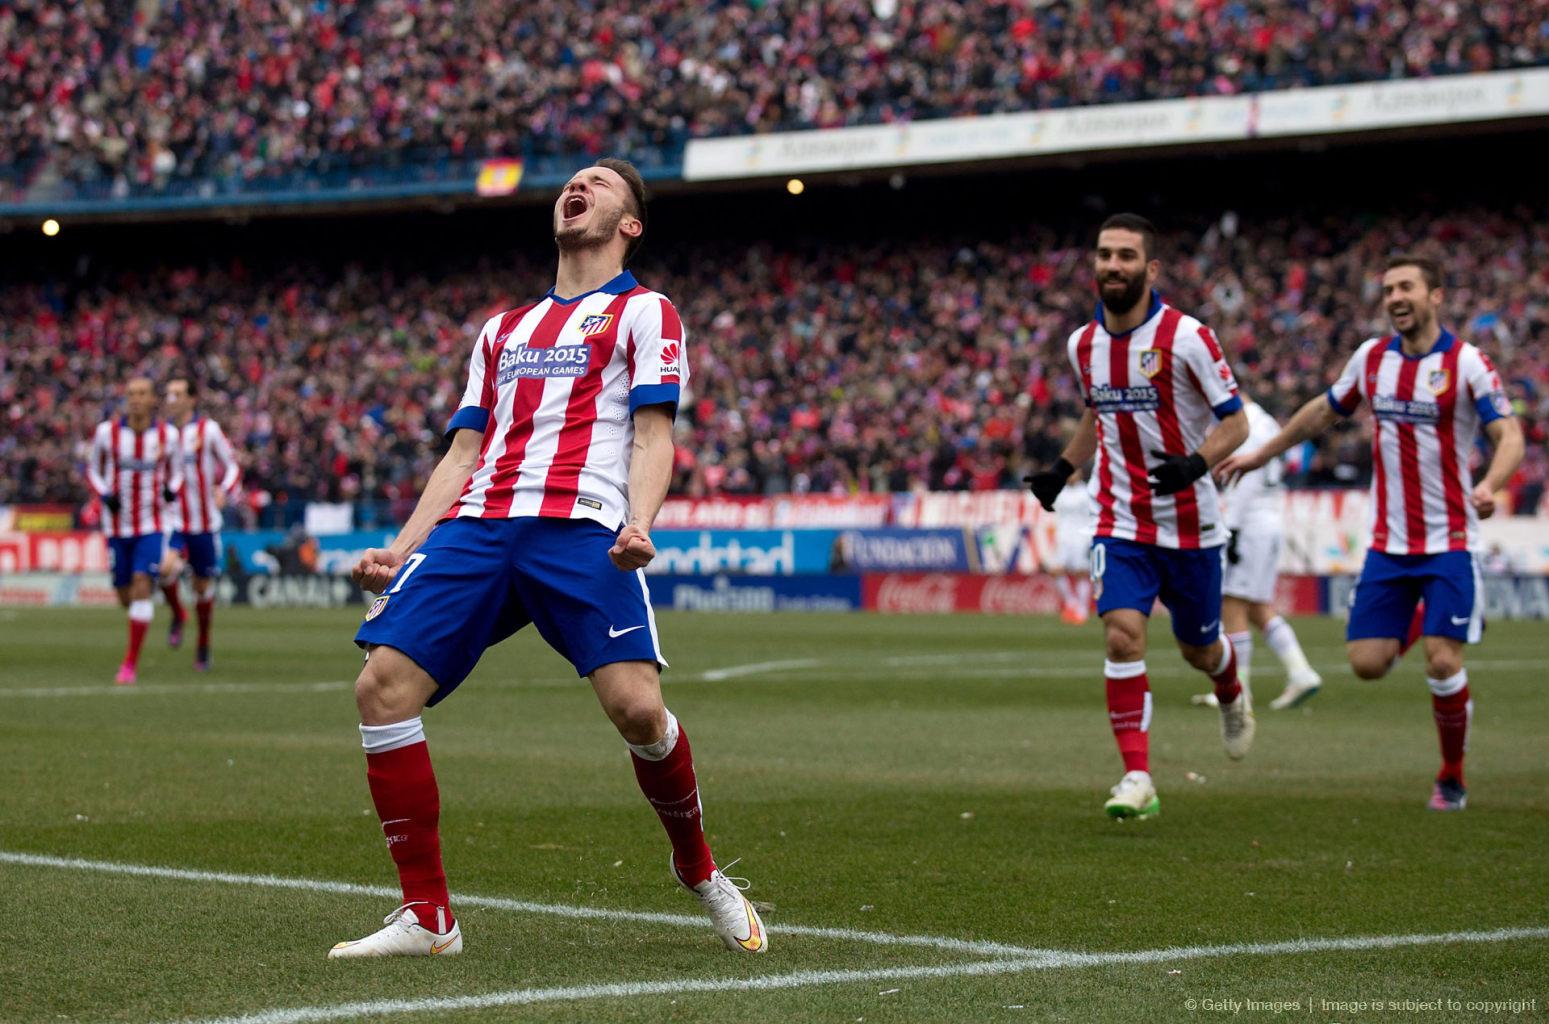 اتلتیکو مادرید 4-0 رئال مادرید؛ تحقیر تمام عیار آنچلوتی و شاگردانش